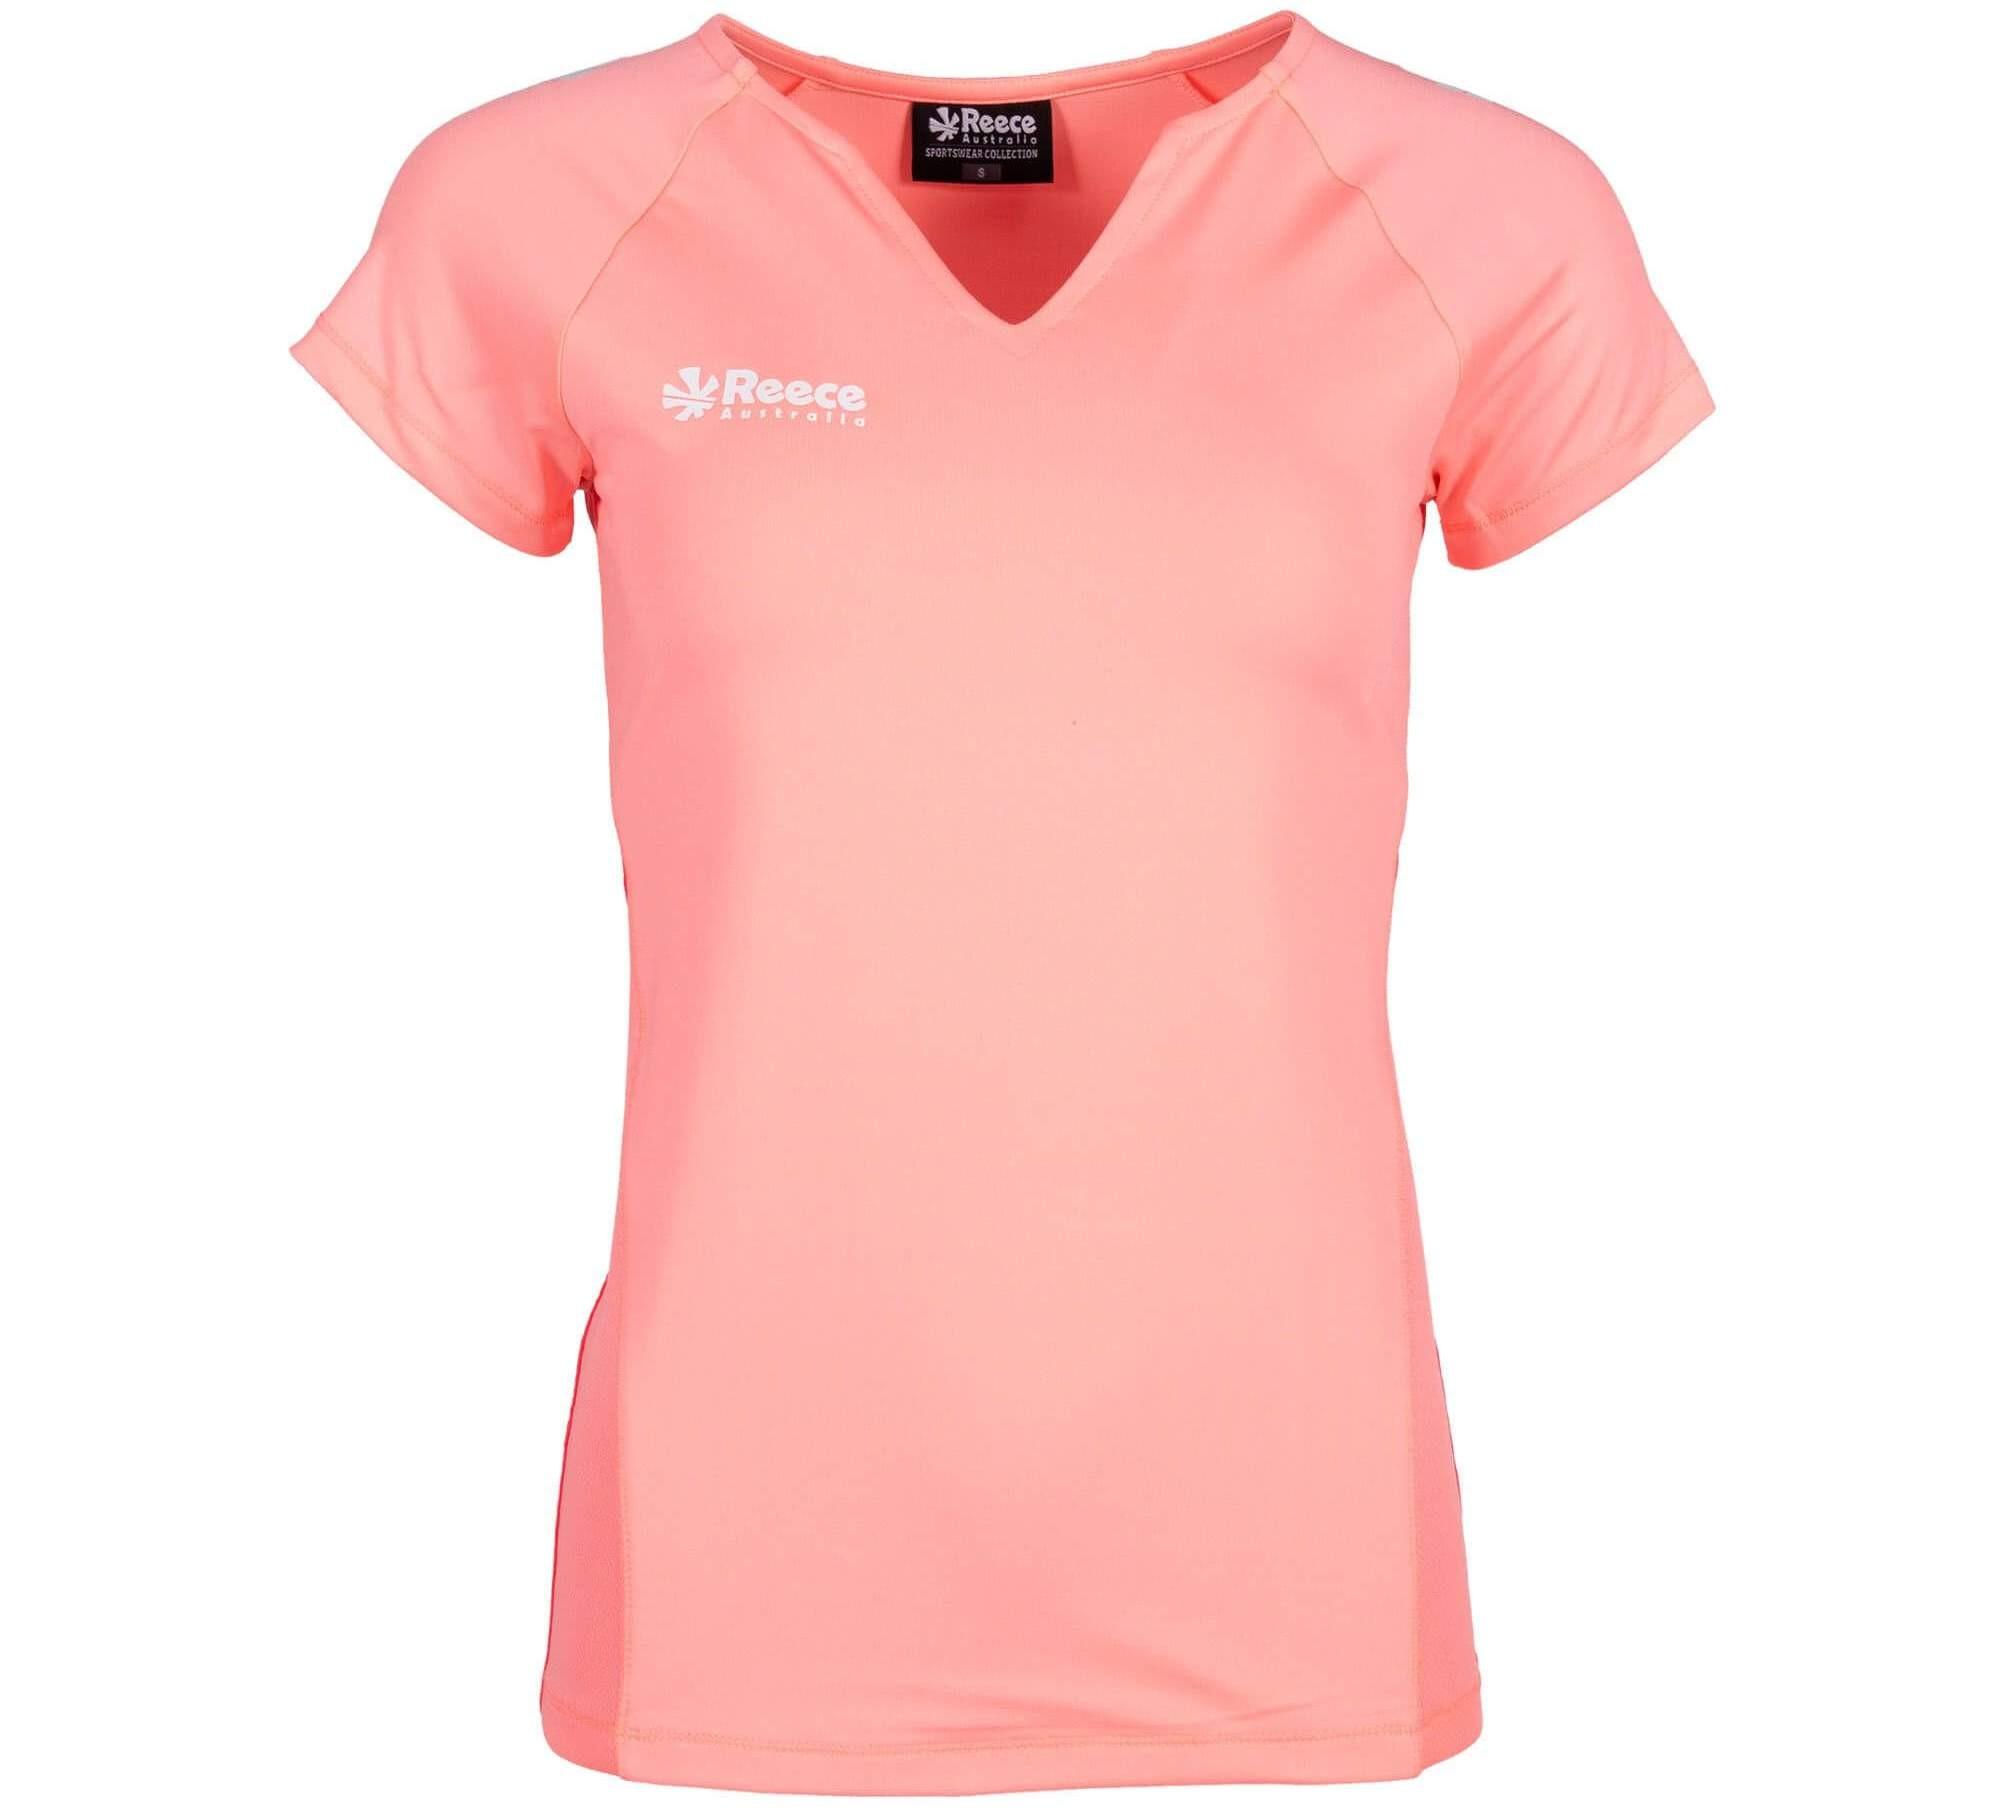 damska koszulka tenisowa reece australia varsity